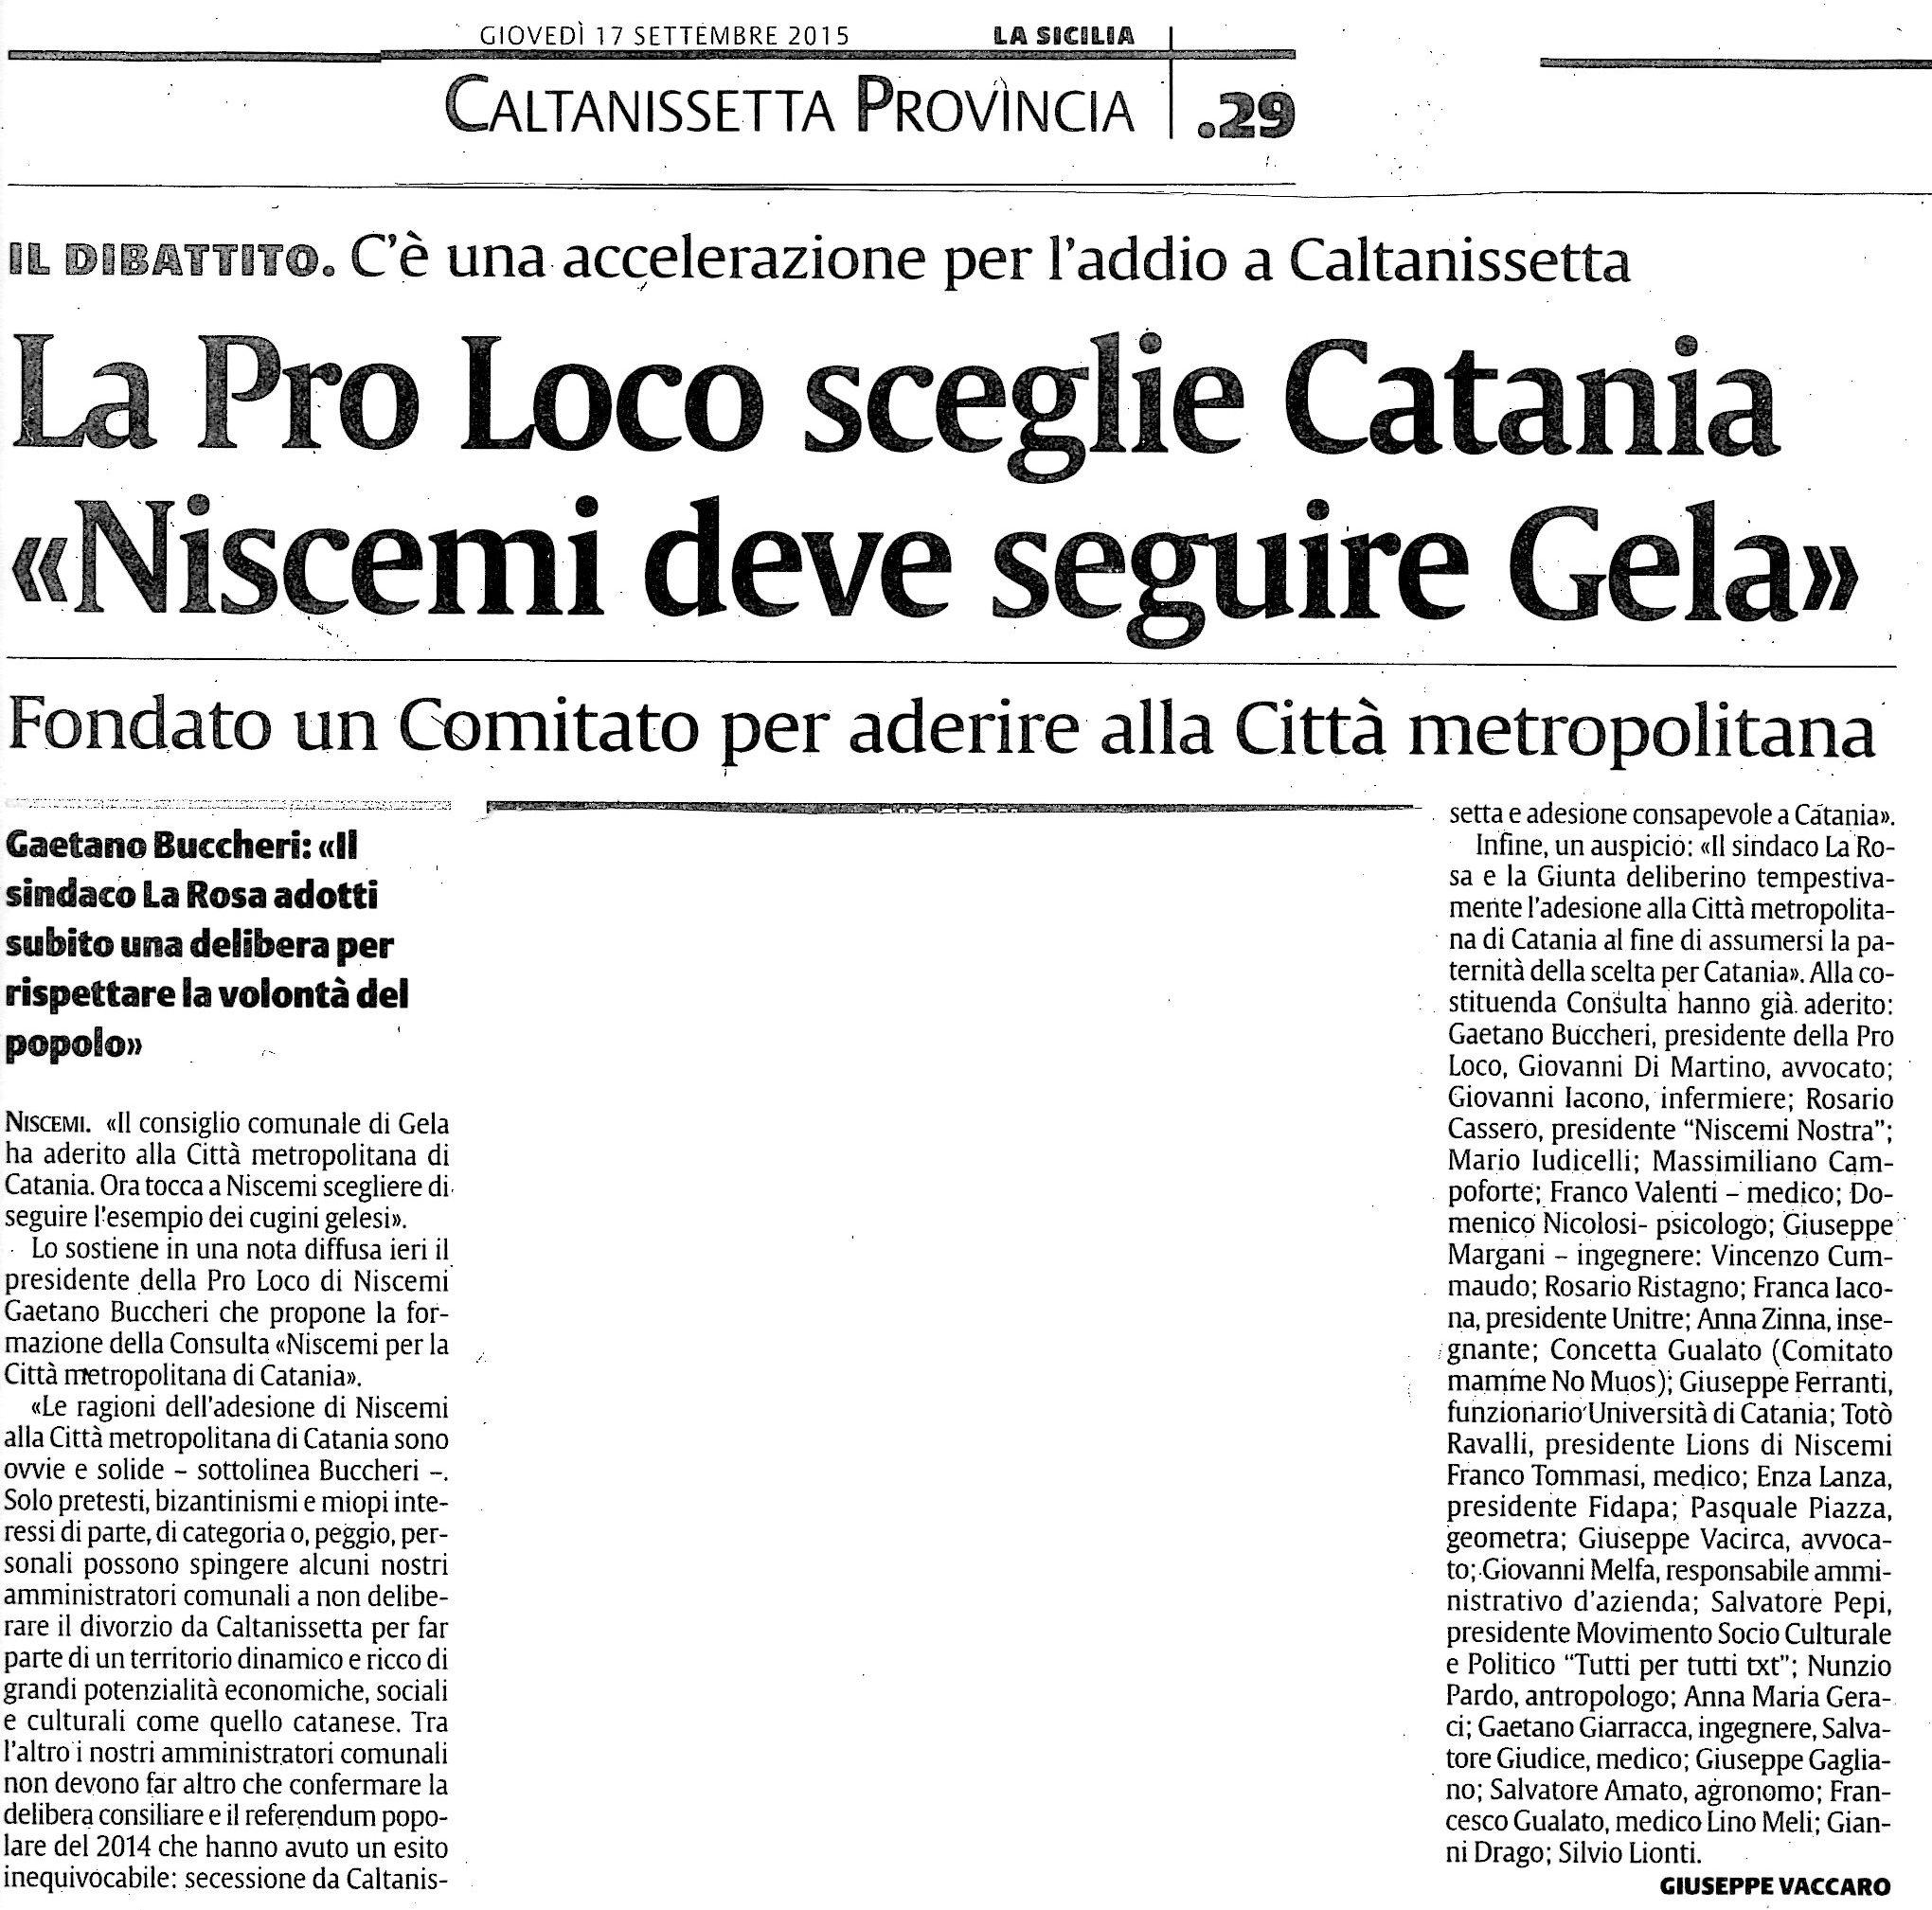 Pro_Loco_Città_Metropolitana_La_Sicilia_17_9_2015001